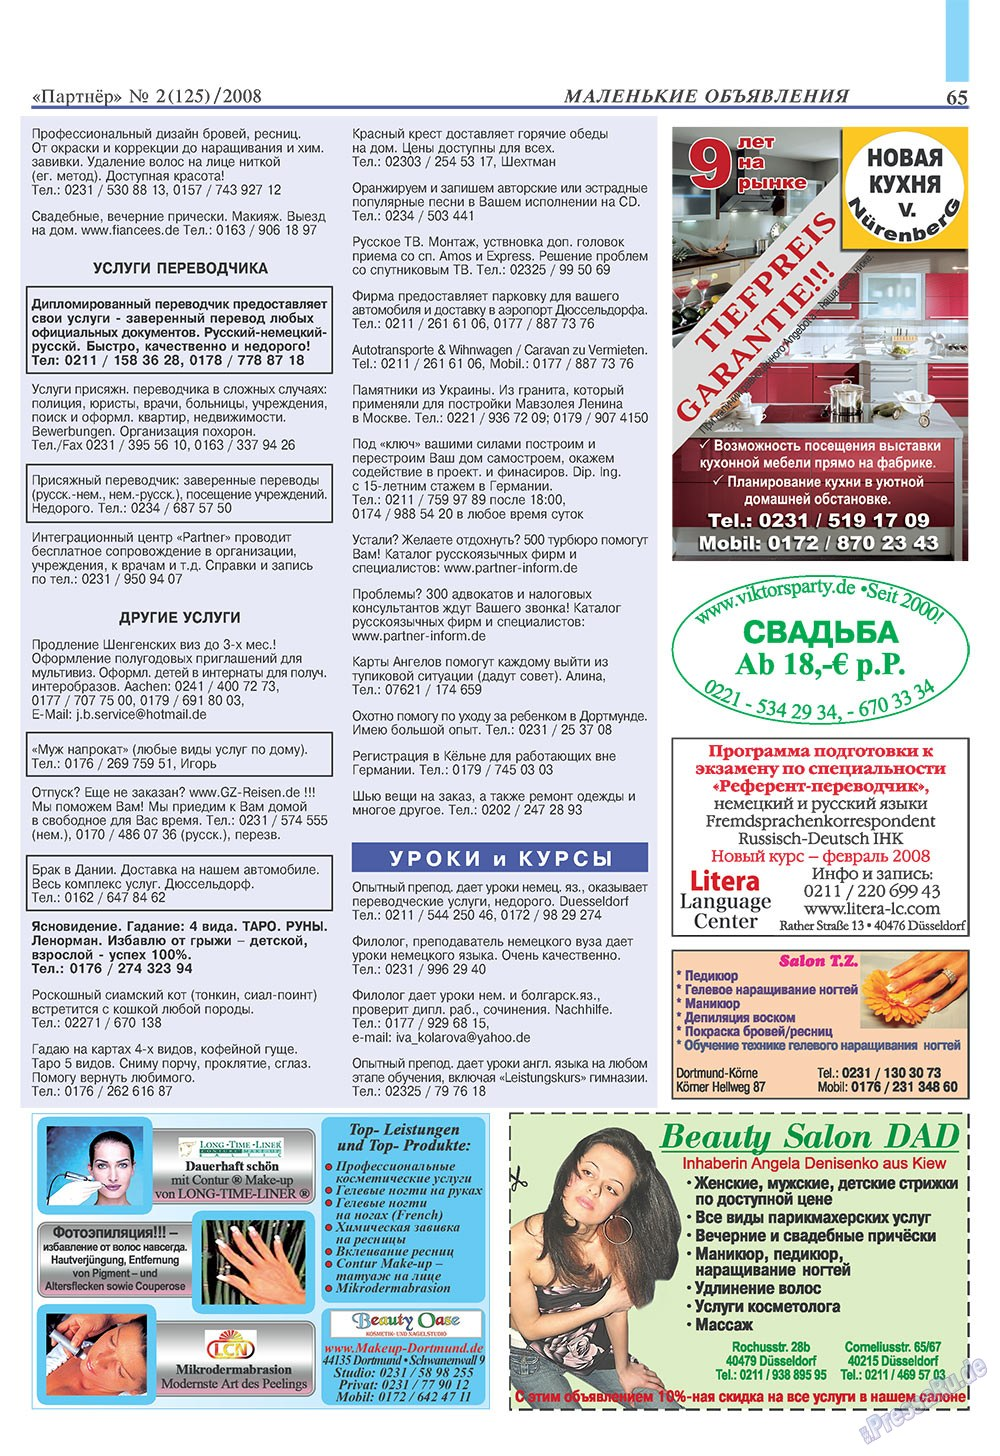 Партнер (журнал). 2008 год, номер 2, стр. 65